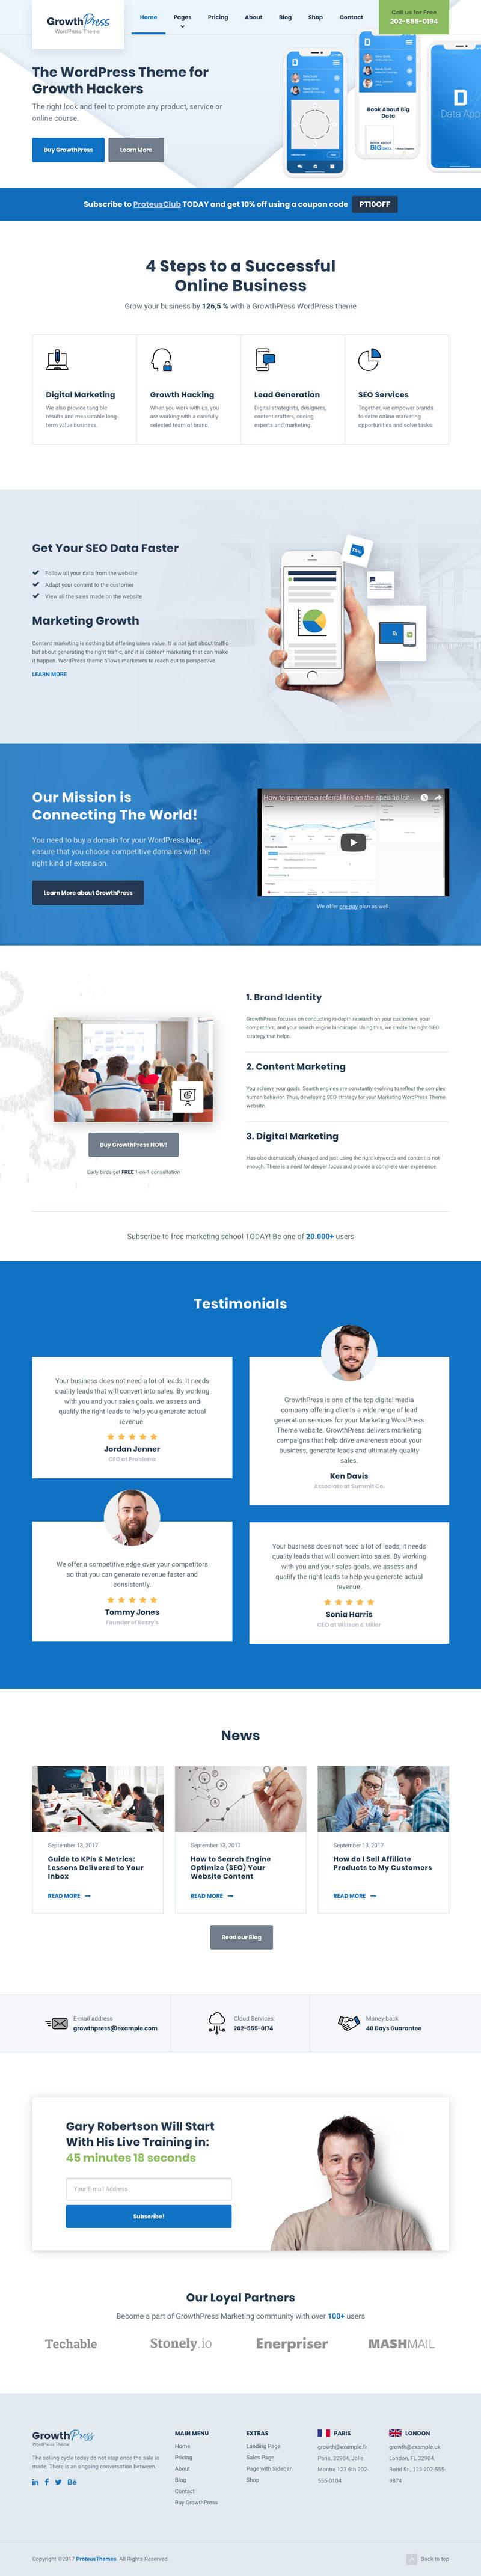 GrowthPress-WordPress-Digital-Marketing-Theme